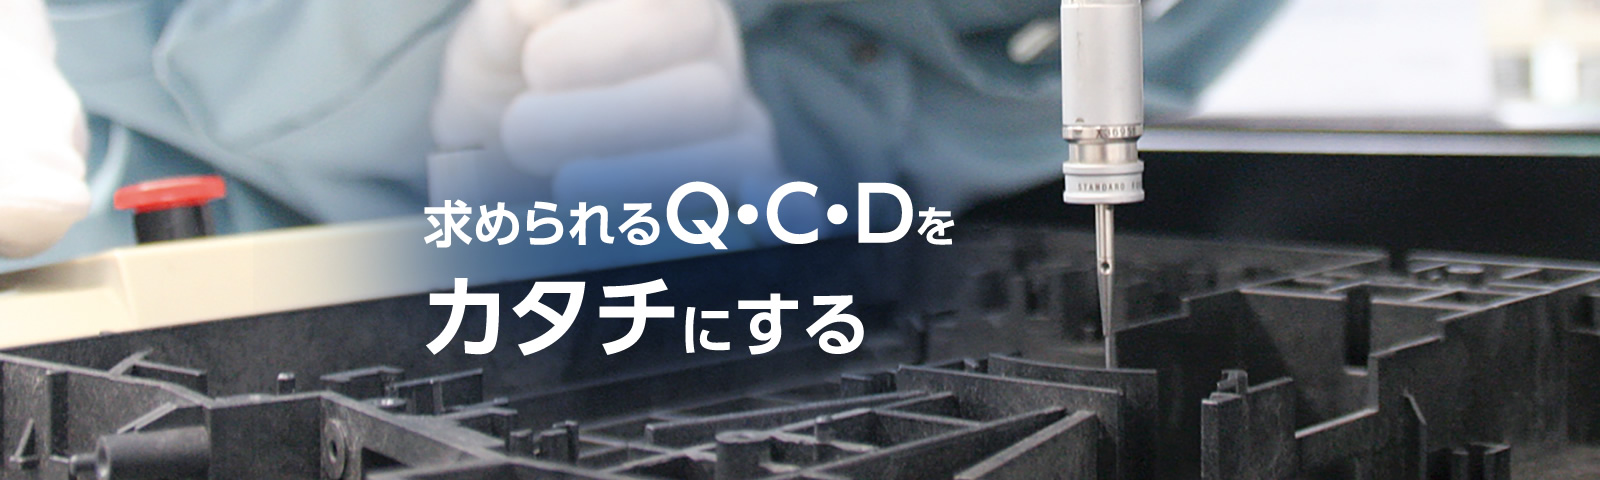 求められるQ・C・Dをカタチにする